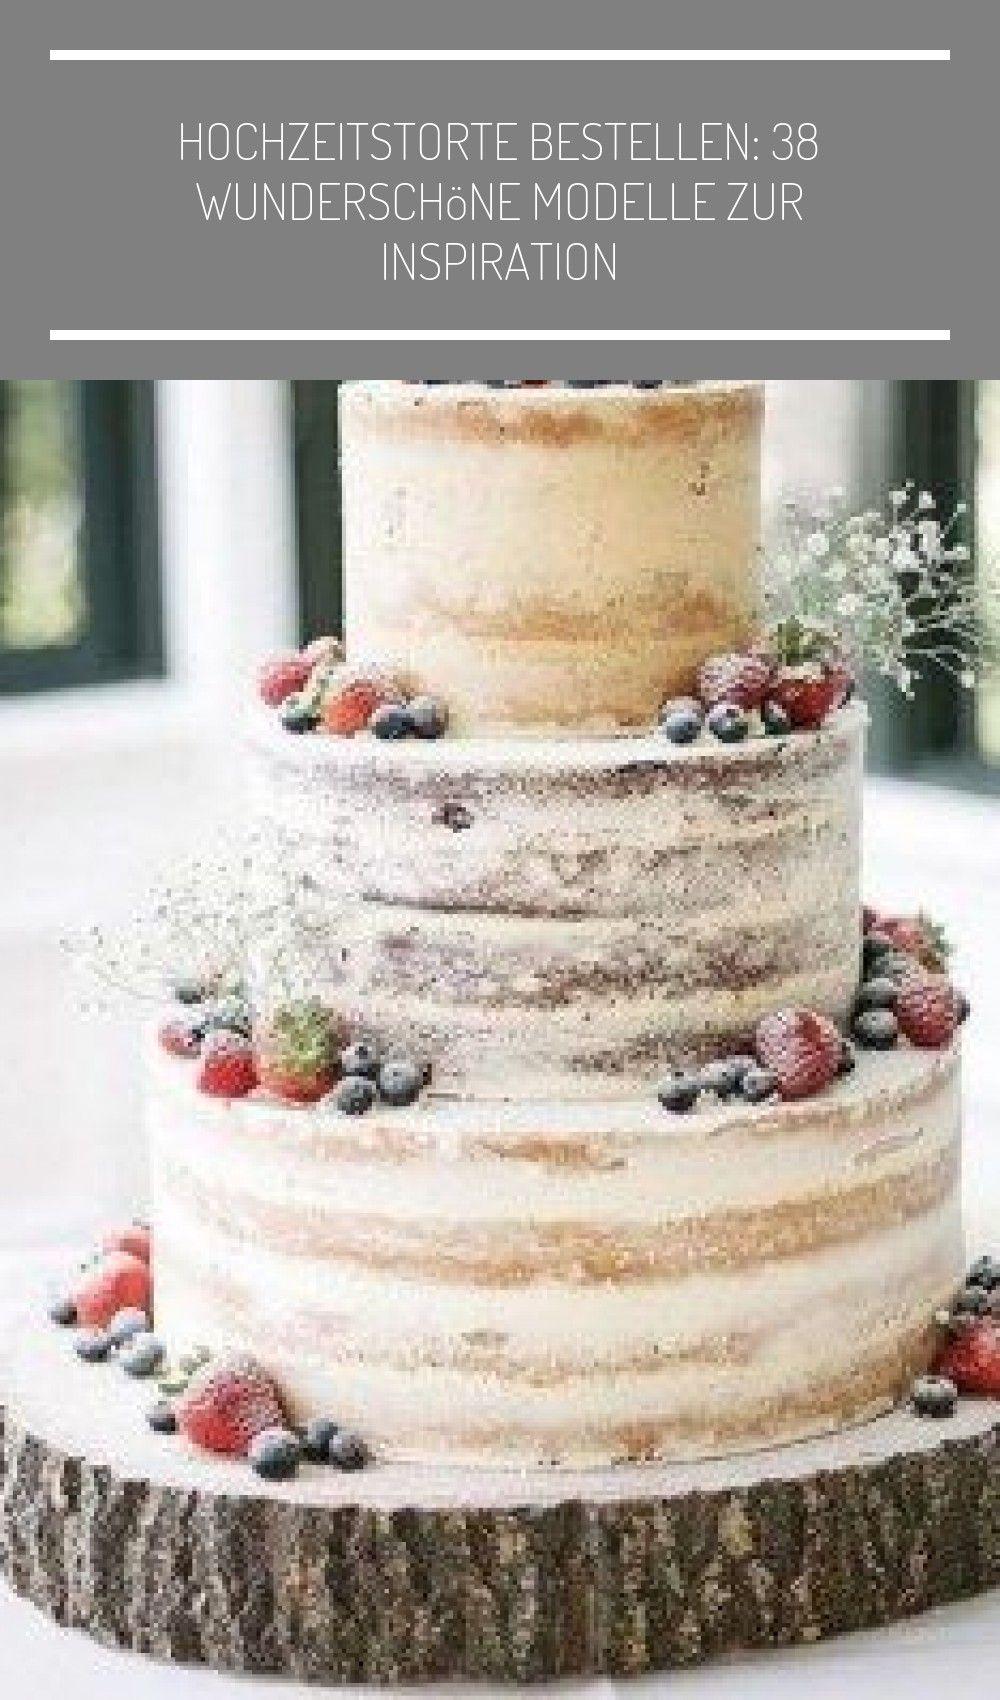 Naked-Cake mit frischen Beeren als Deko #holzscheiben deko hochzeit Hochzeitstorte bestellen: 38 wunderschöne Modelle zur Inspiration #holzscheibendeko